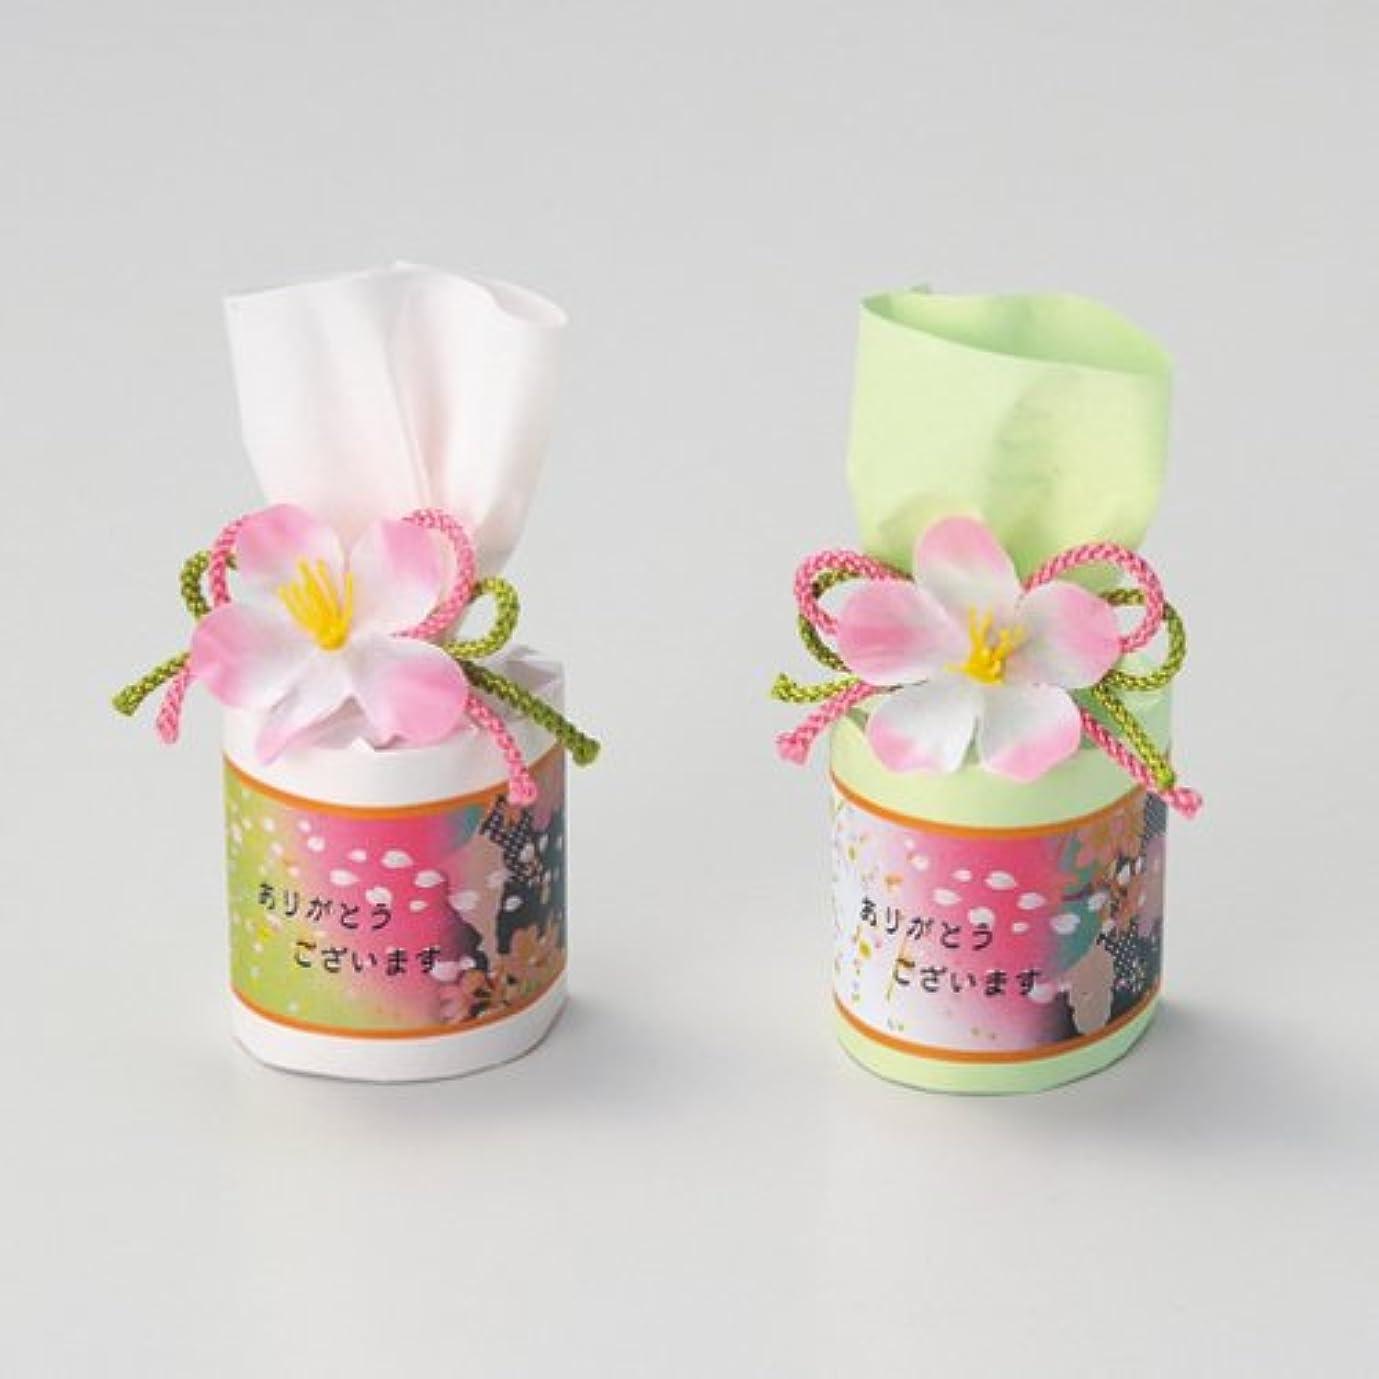 文献りんご専らプチギフト 桜のたよりバスタイム (入浴剤)